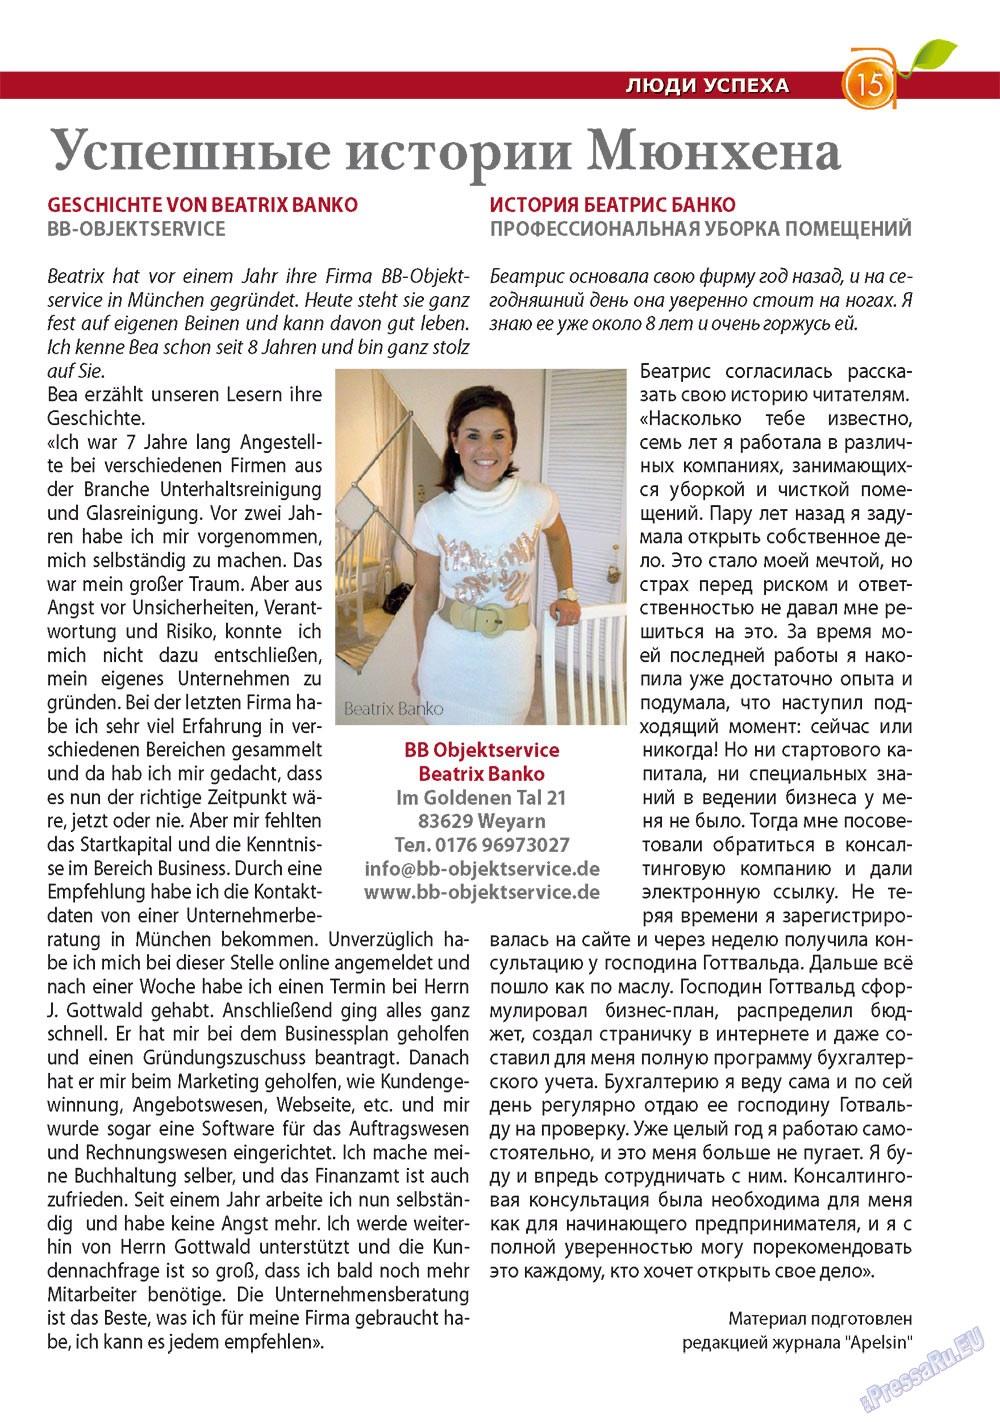 Апельсин (журнал). 2012 год, номер 33, стр. 15